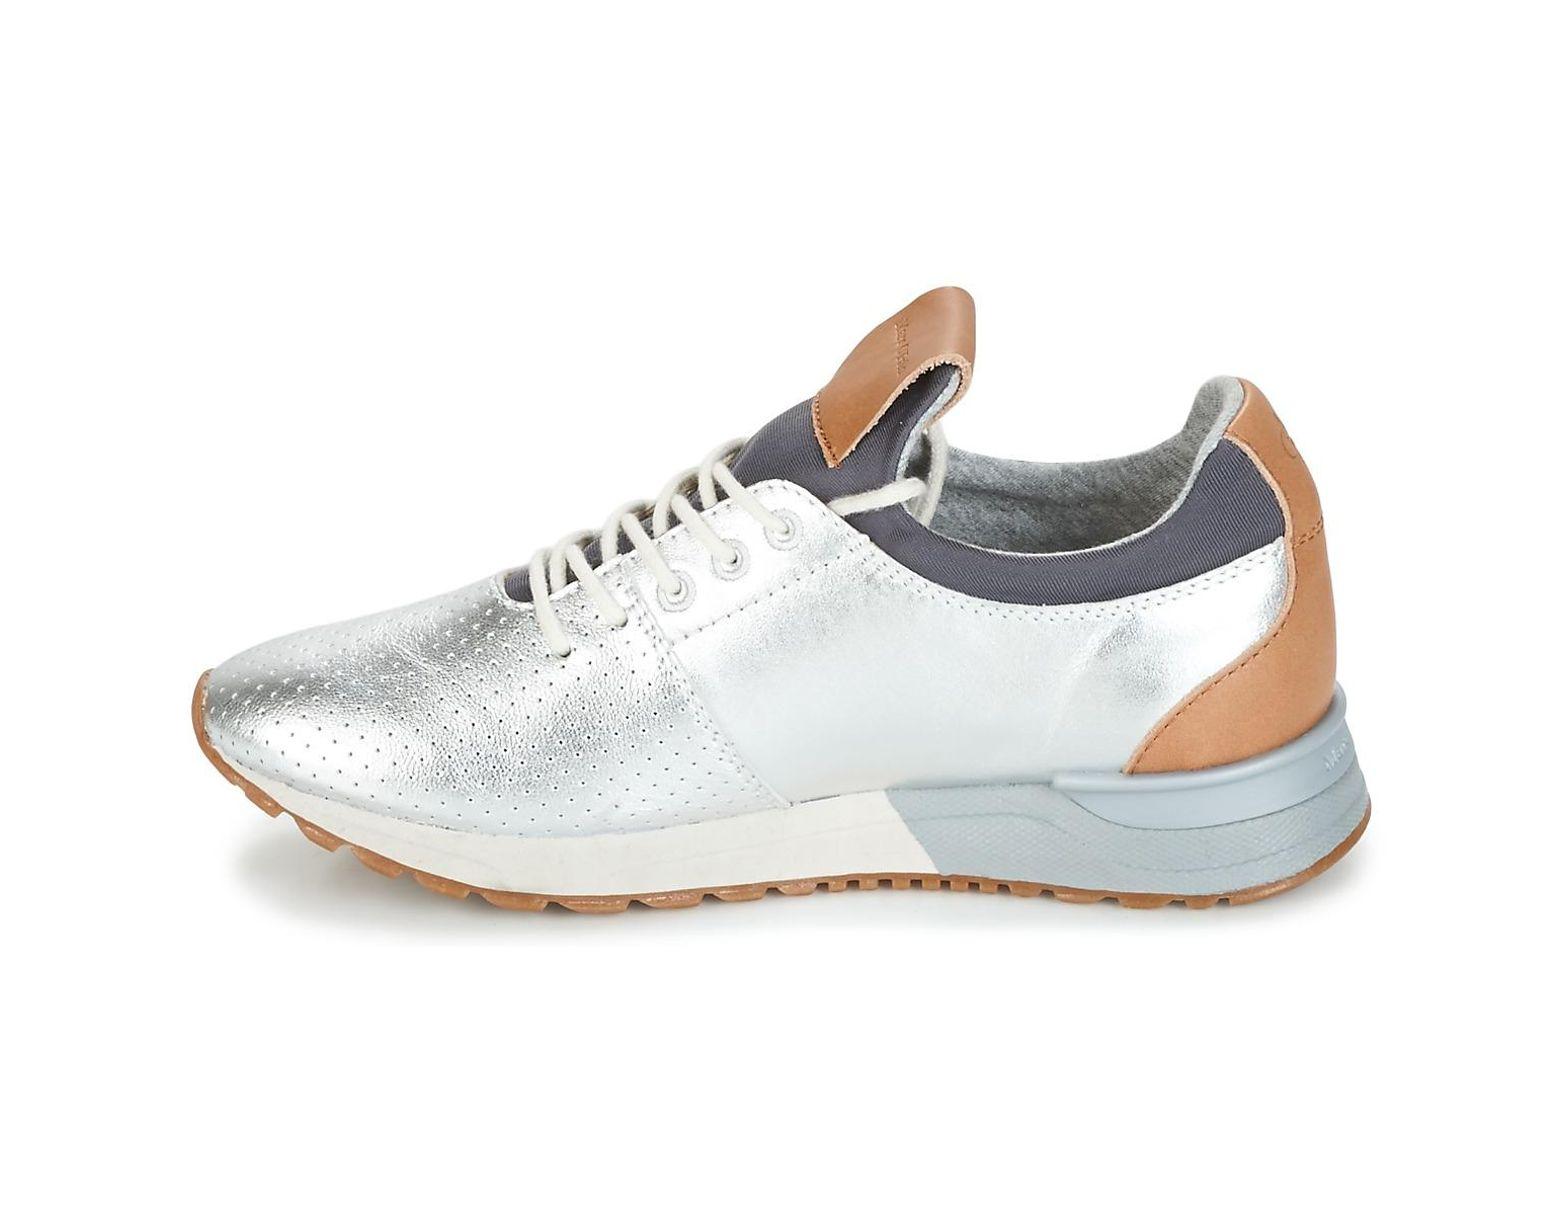 O'polo 80214403701102Bask Marc Marc Sneaker Marc O'polo Sneaker 80214403701102Bask E29IWDH